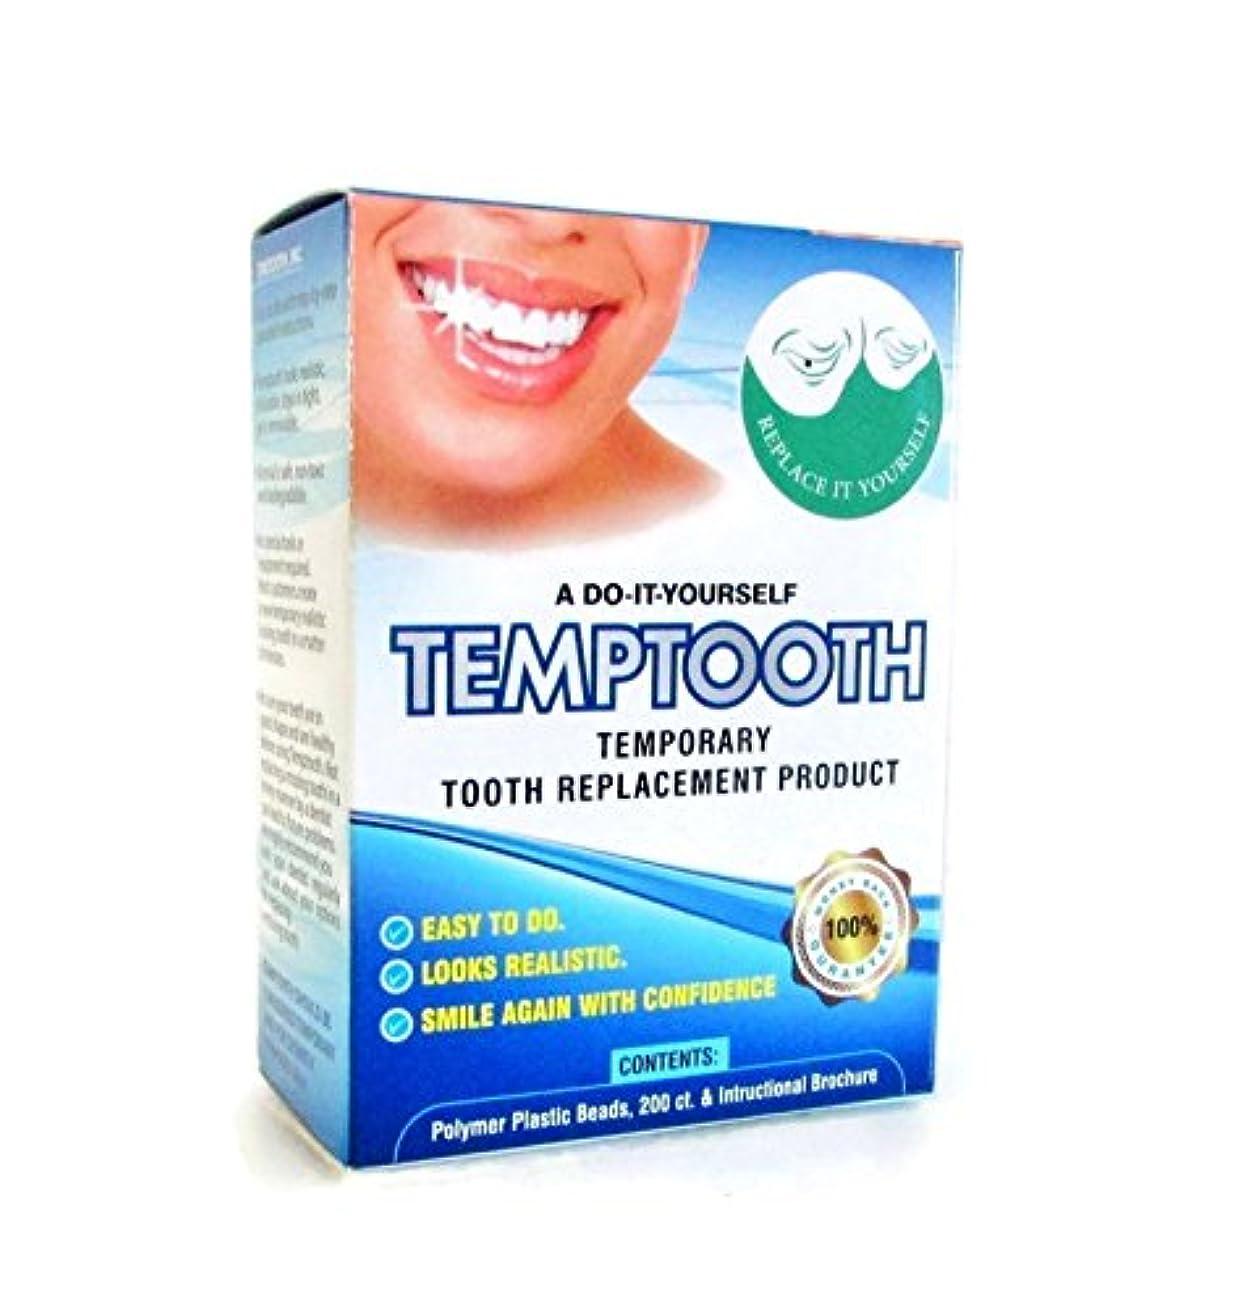 億売るオプション自分で作るテンポラリー義歯/Temptooth Do It Yourself Tooth Replacement Product